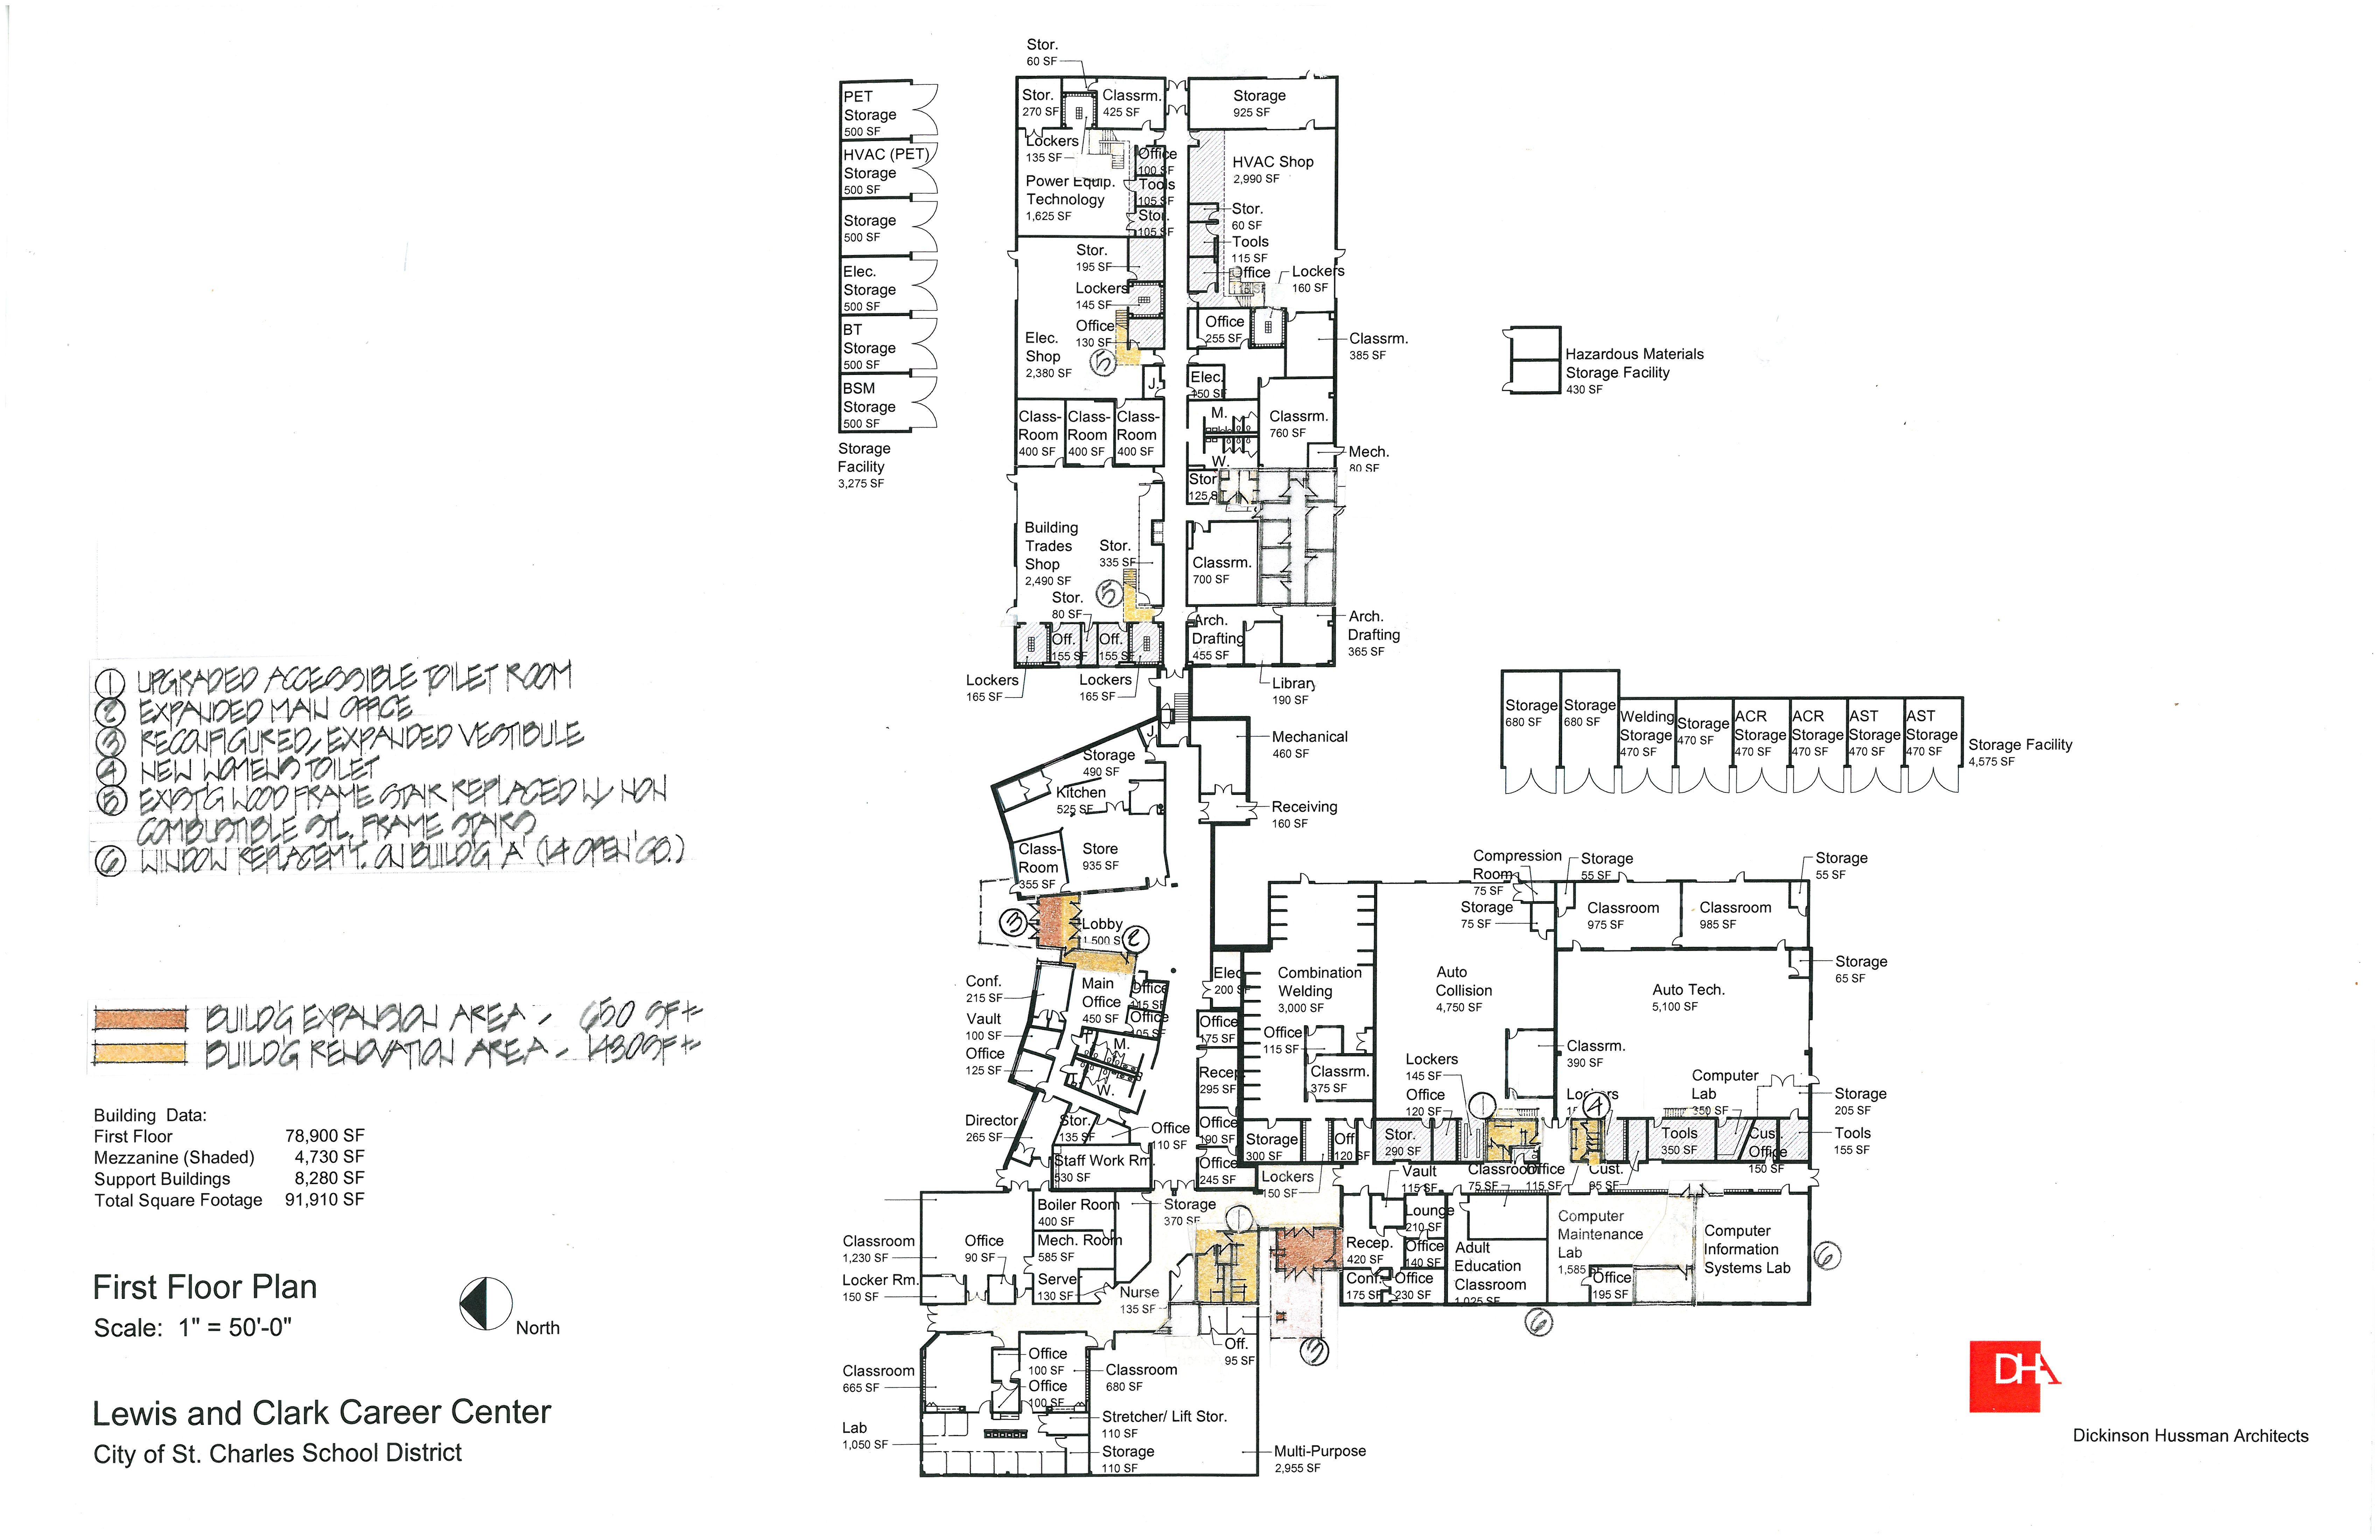 Depaul Lewis Center Floor Plan: Proposition KIDS / Proposition KIDS Building Renderings